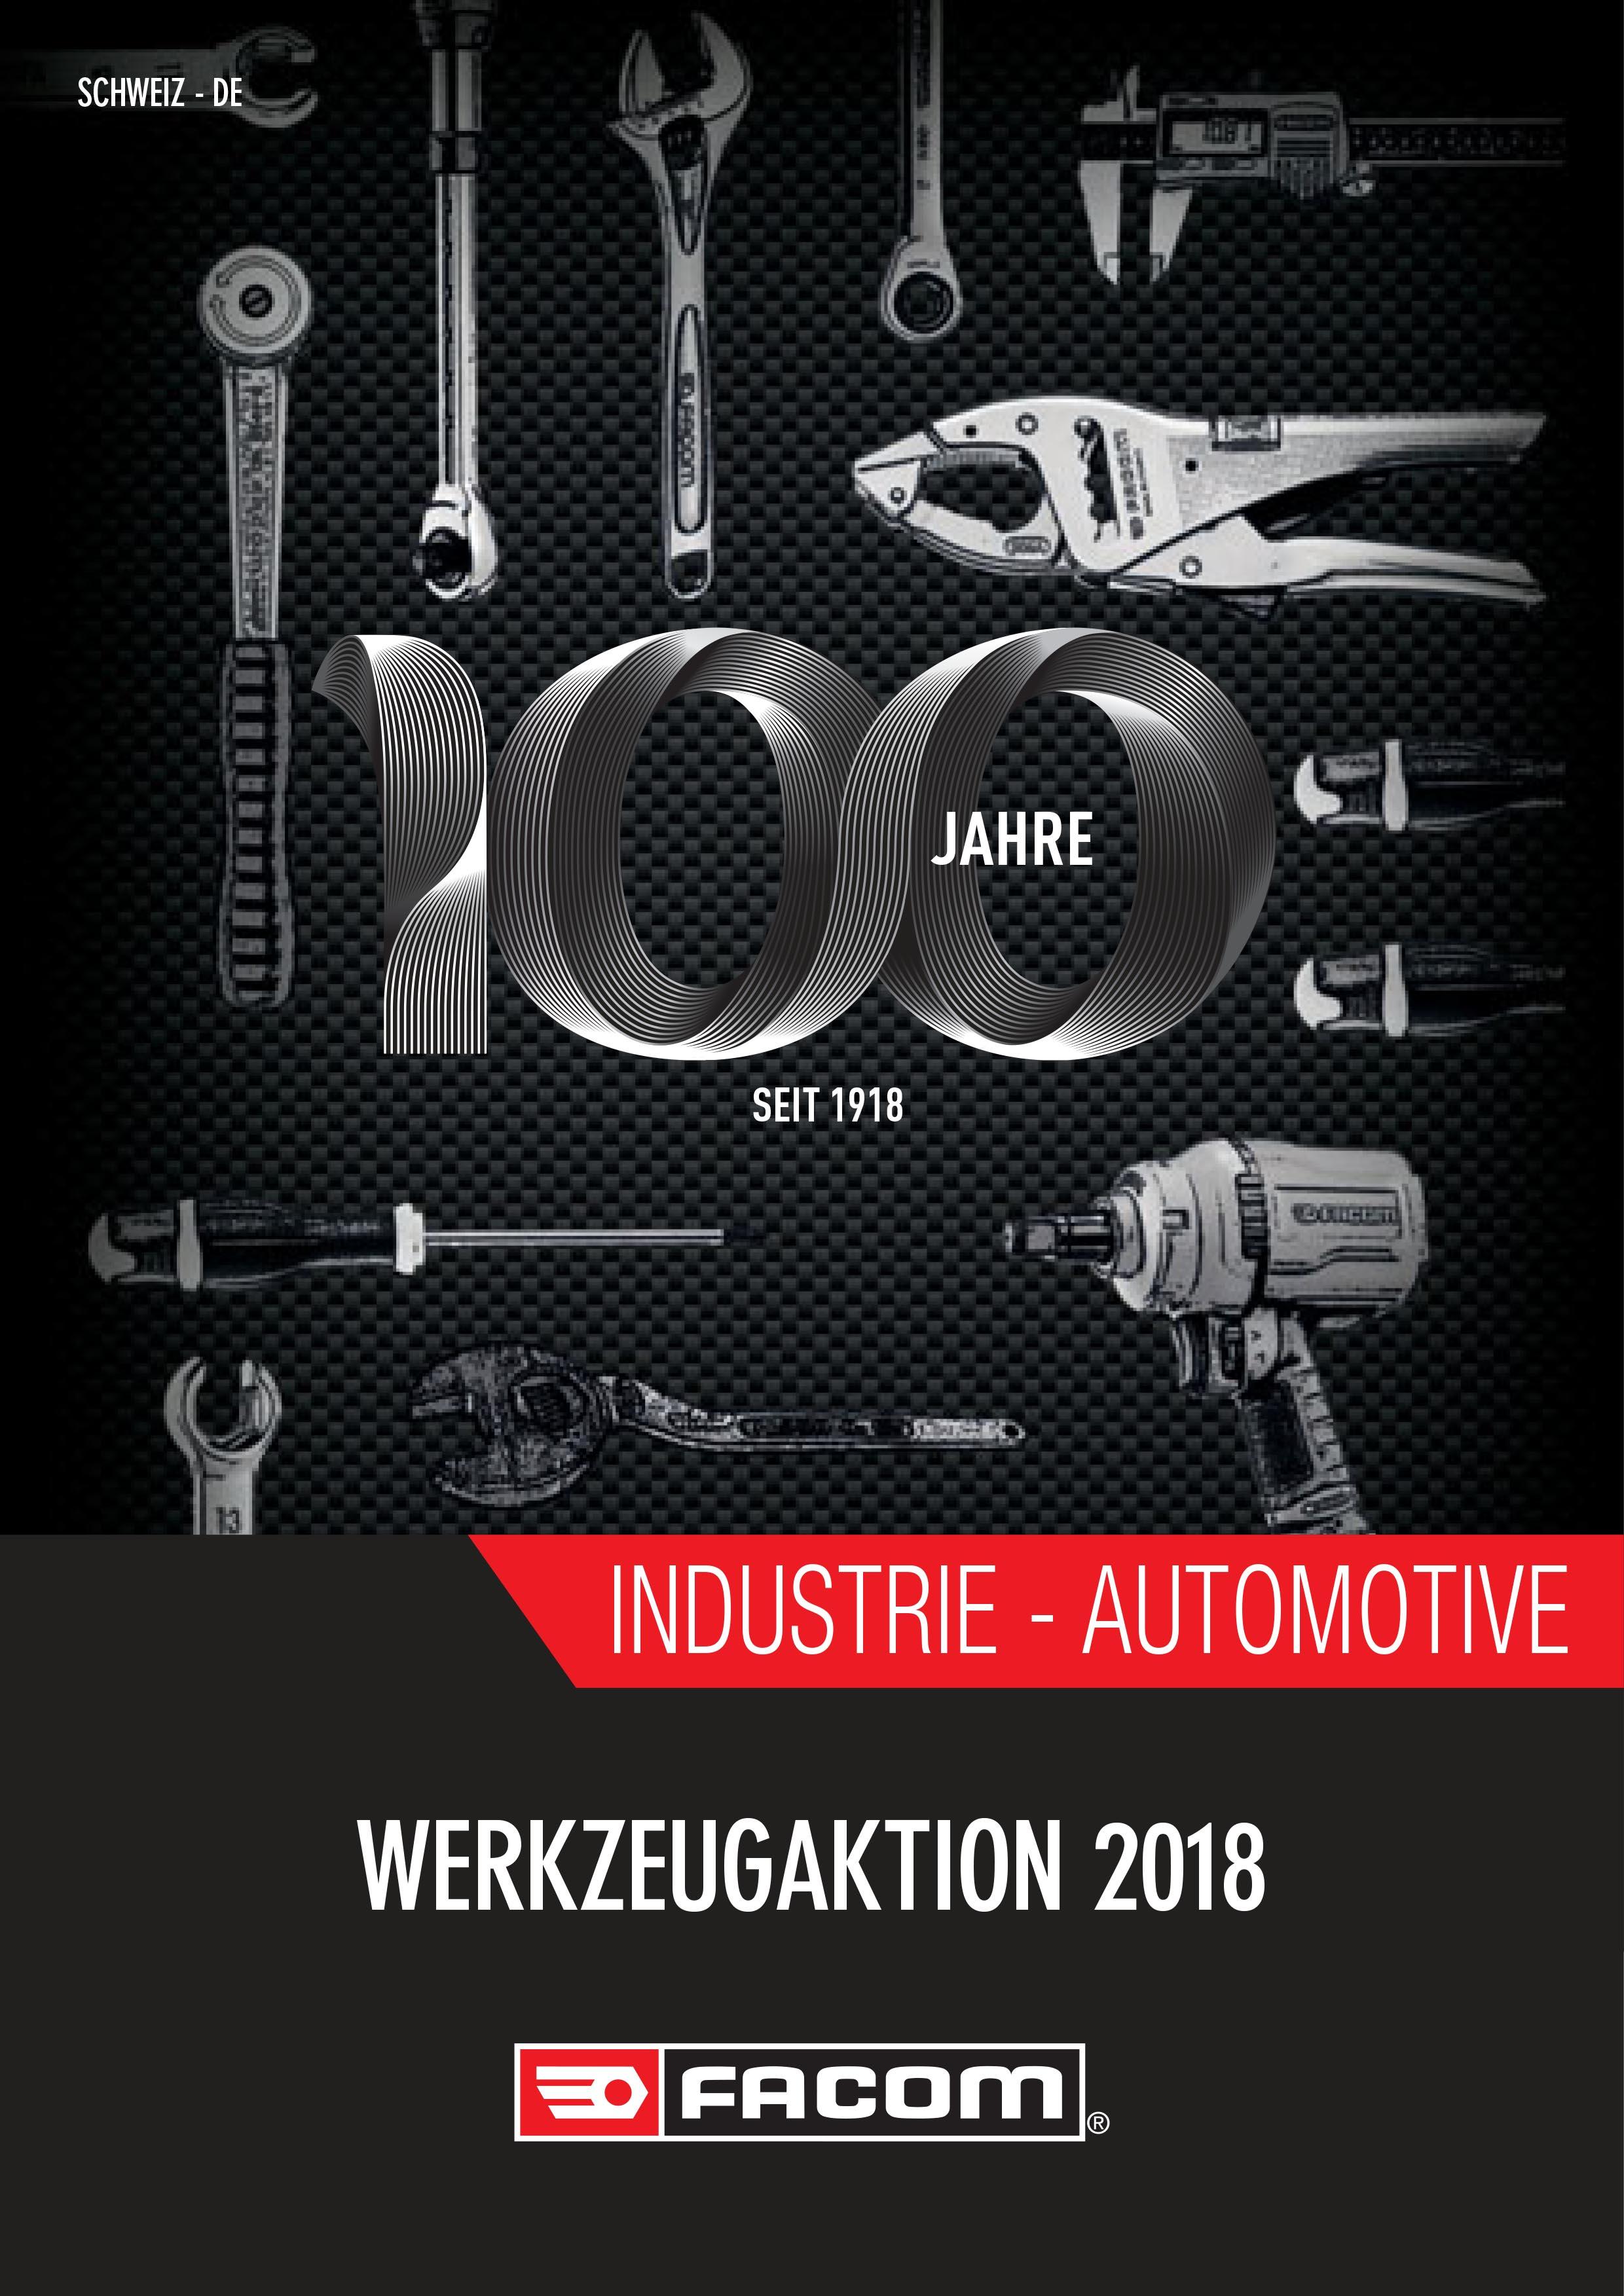 Facom Aktionen 2018